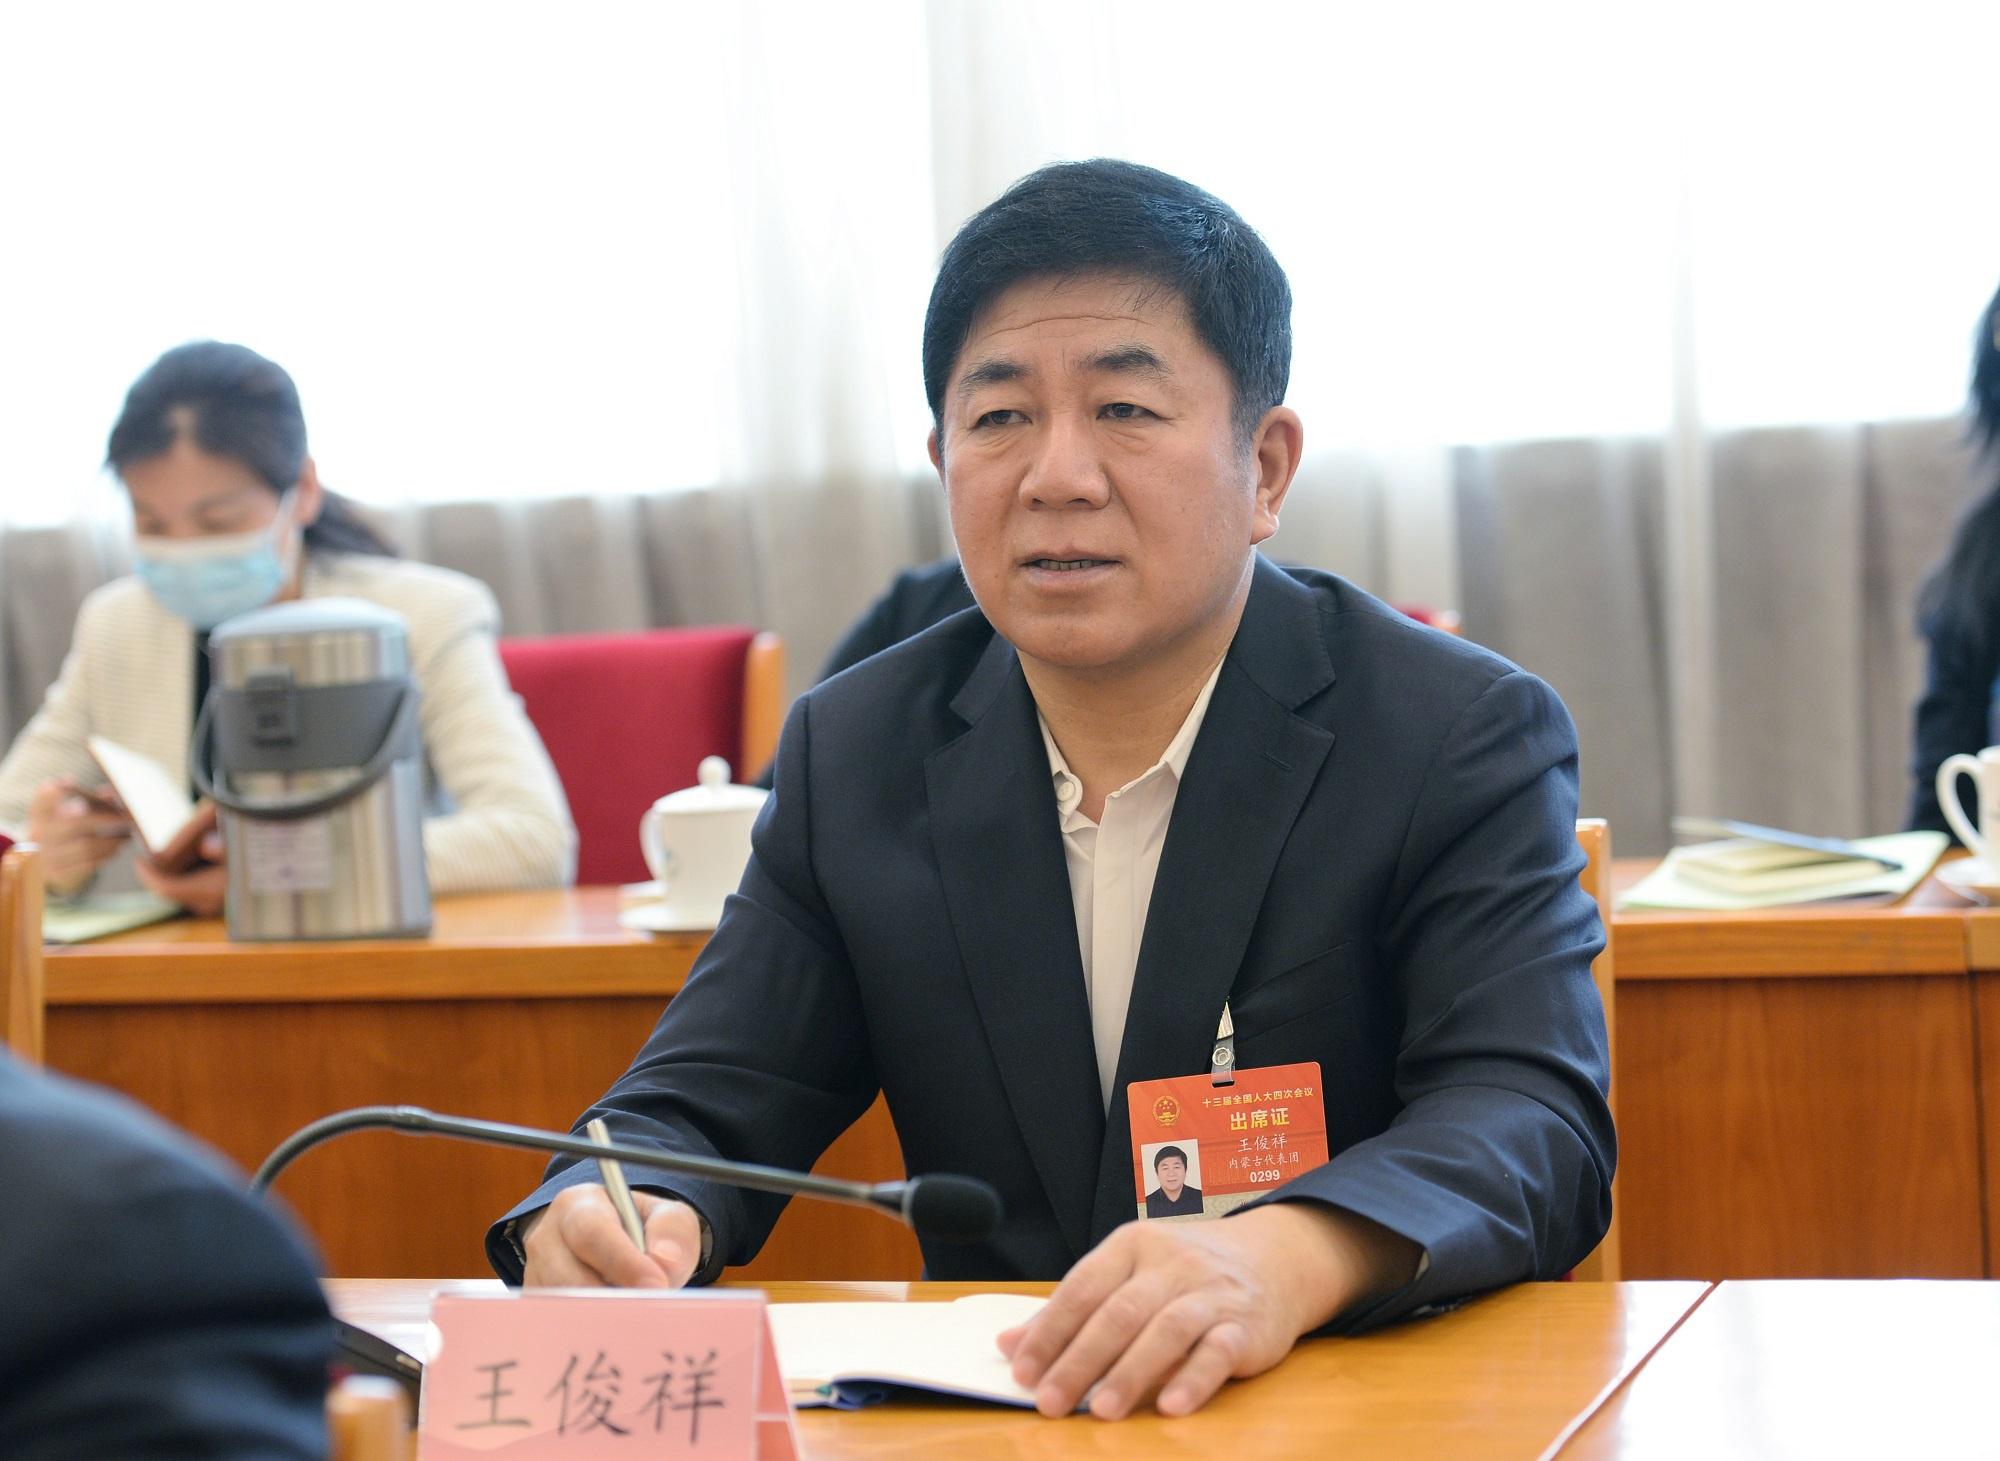 天下人大代表、赤峰正翔修建工程公司总司理、内蒙古自治区工商联副主席王俊祥(资料图)